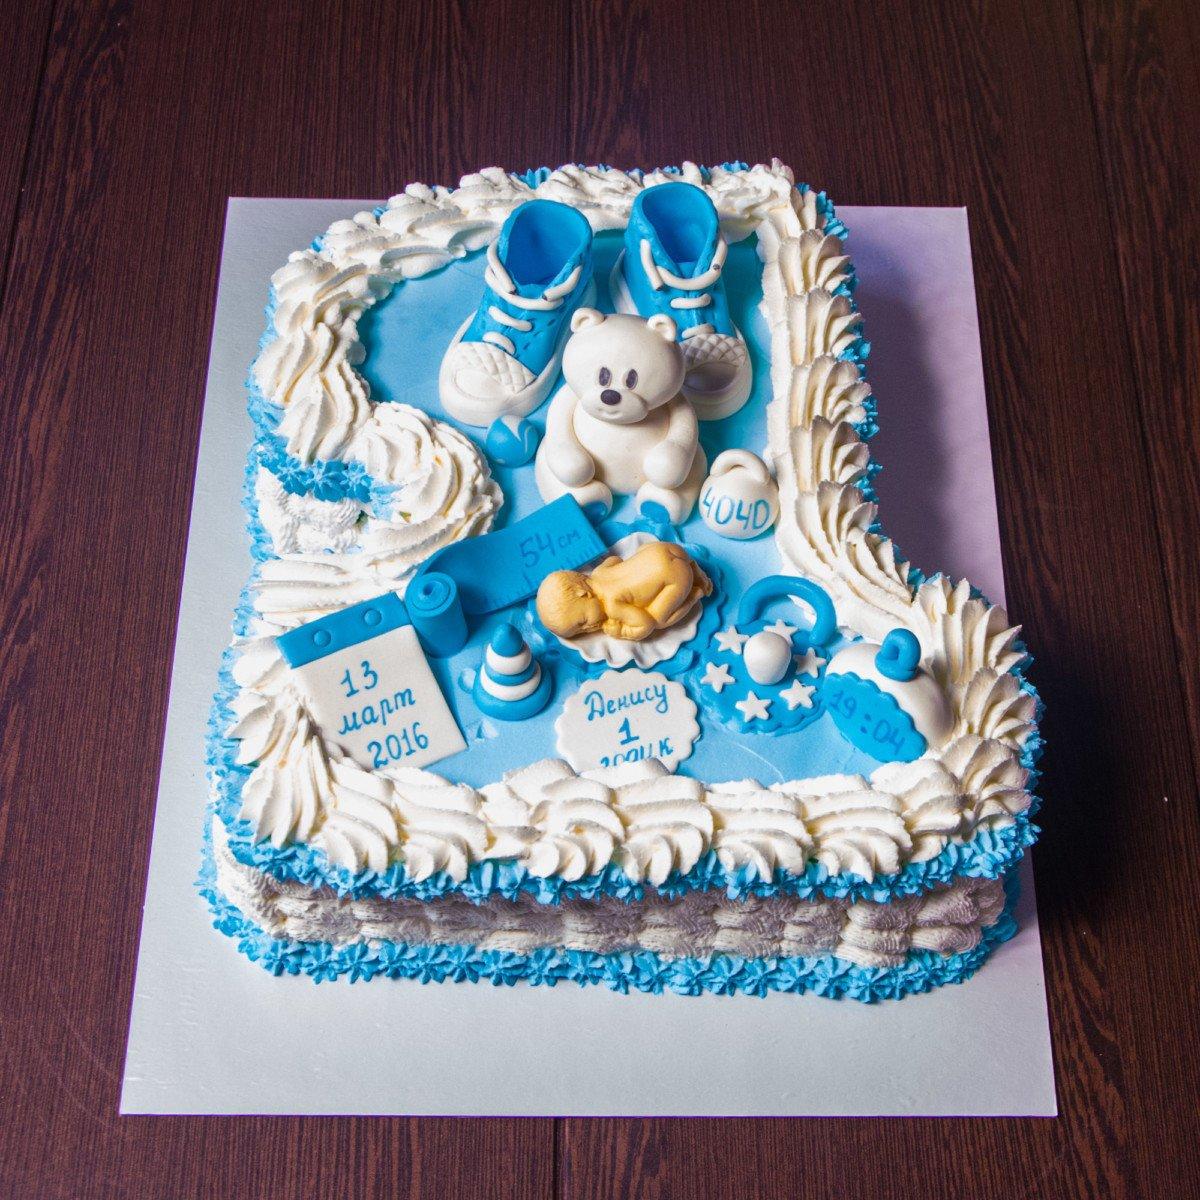 Поздравление на свадьбу к тортику из денег